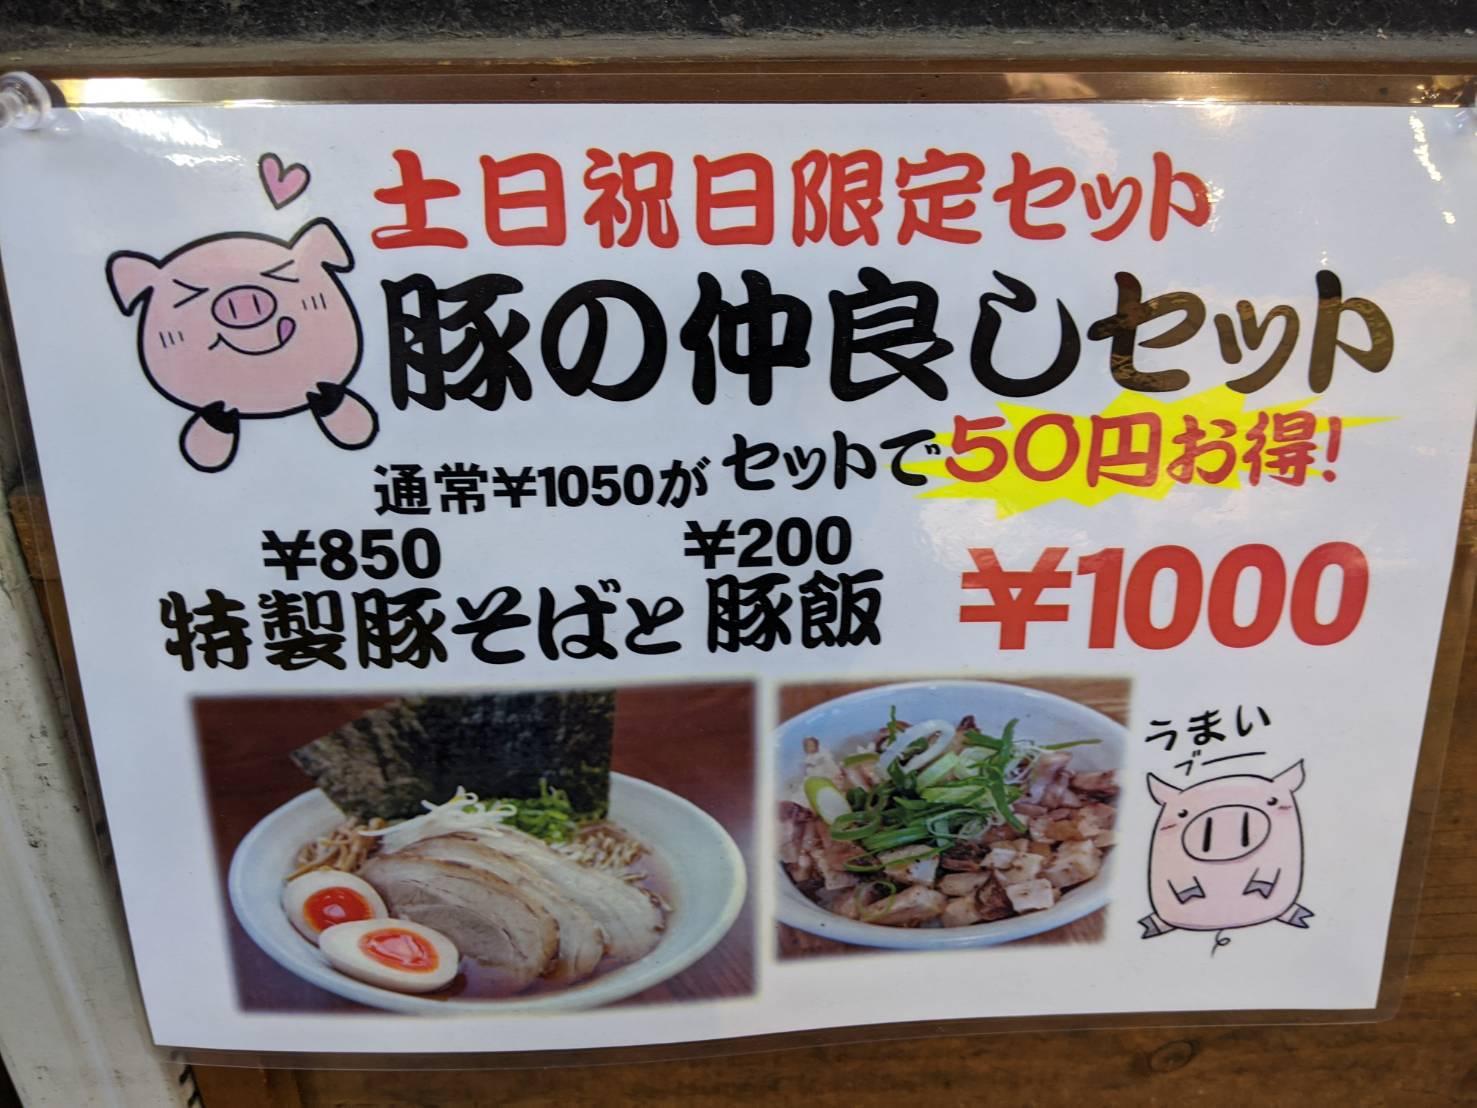 豚そば鶏つけそば専門店上海麺館土日祝日限定メニュー告知